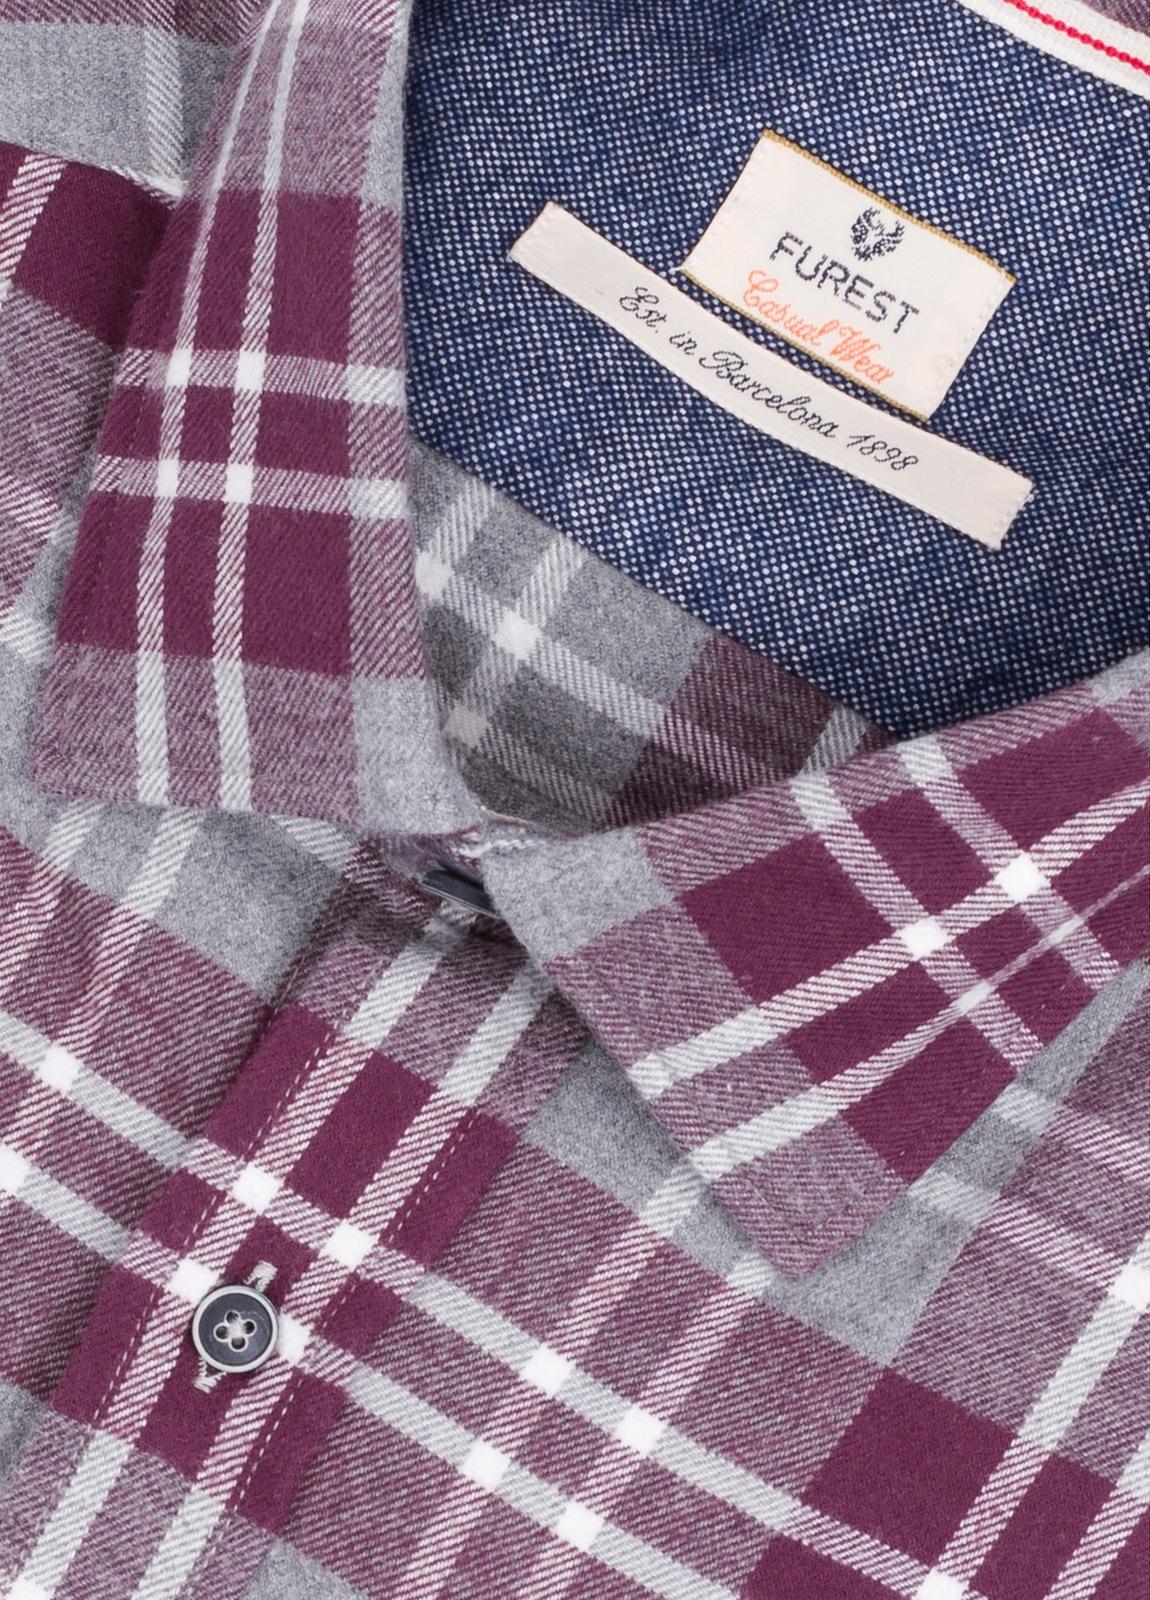 Camisa Casual Wear SLIM FIT Modelo PORTO maxi cuadros color granate con bolsillo en pecho. 100% Algodón. - Ítem1